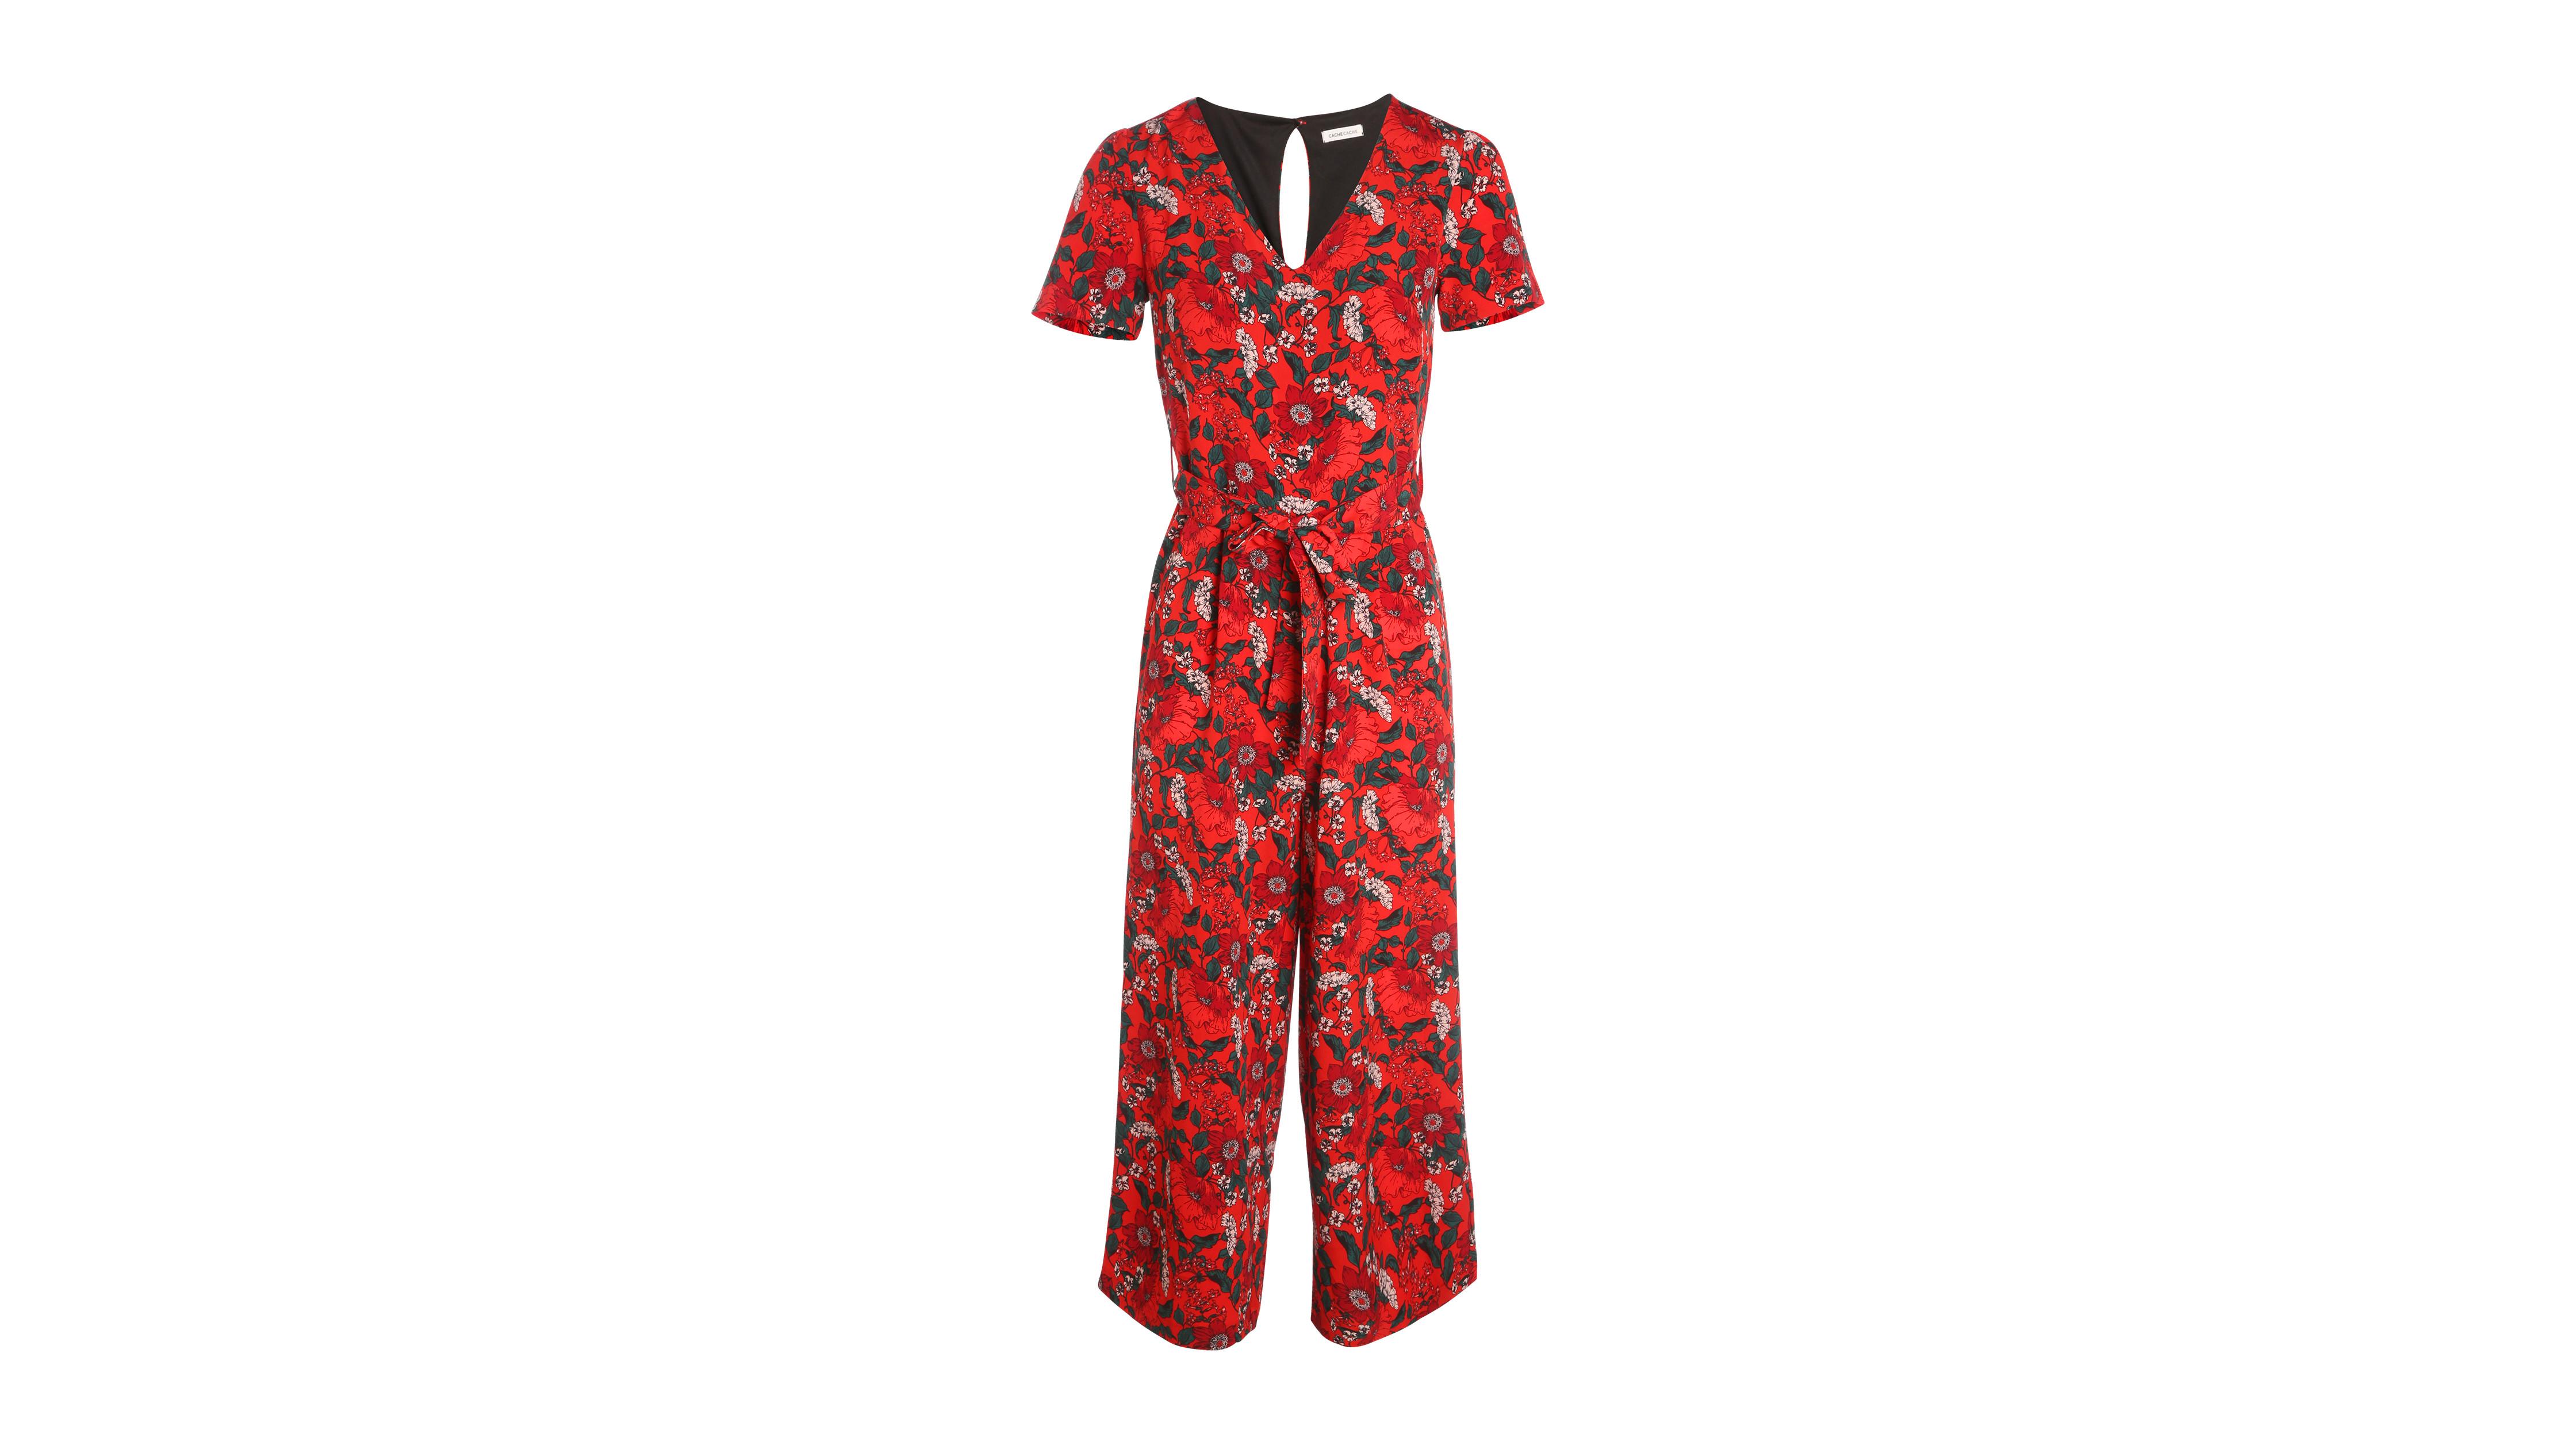 acheter pas cher 5805d 87bc1 Combinaison-pantalon col en V rouge femme